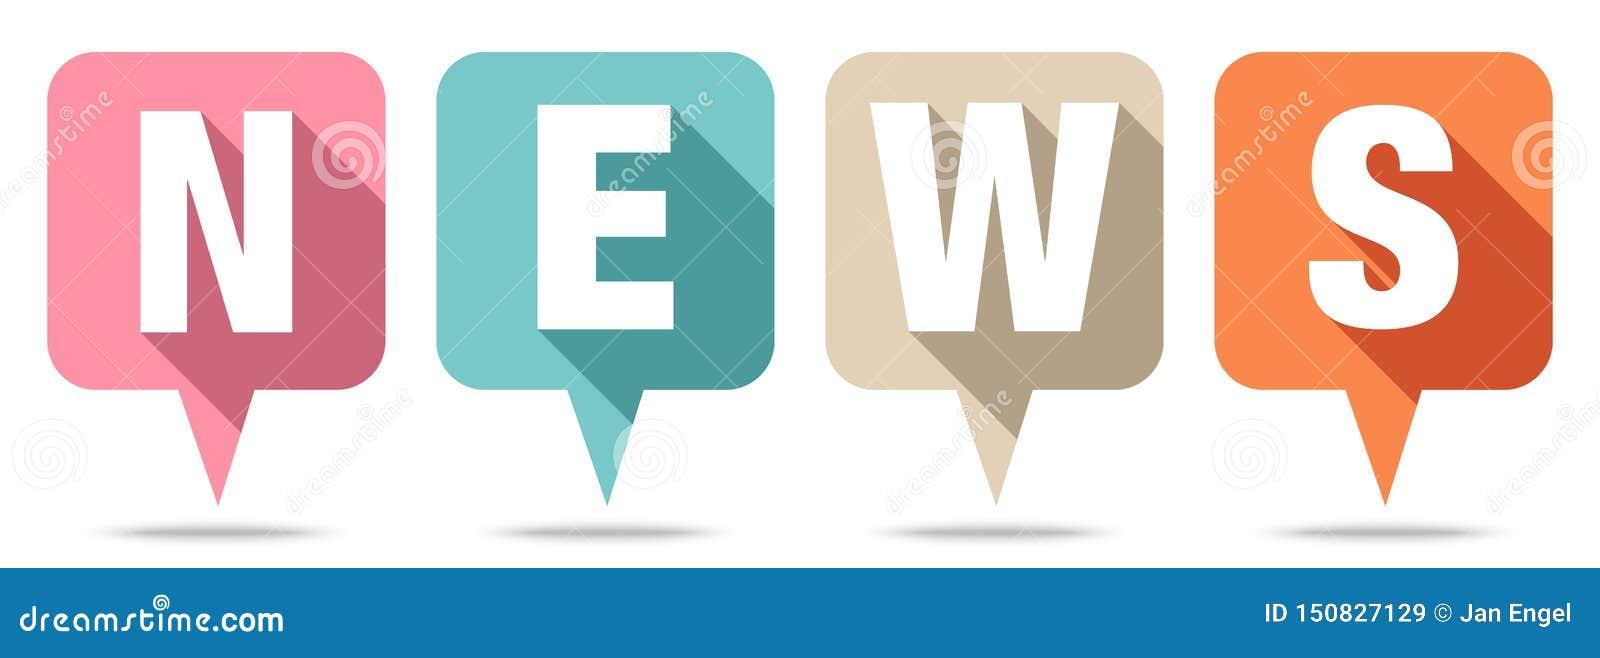 Set Of Four Speech Bubbles News Retro Colors